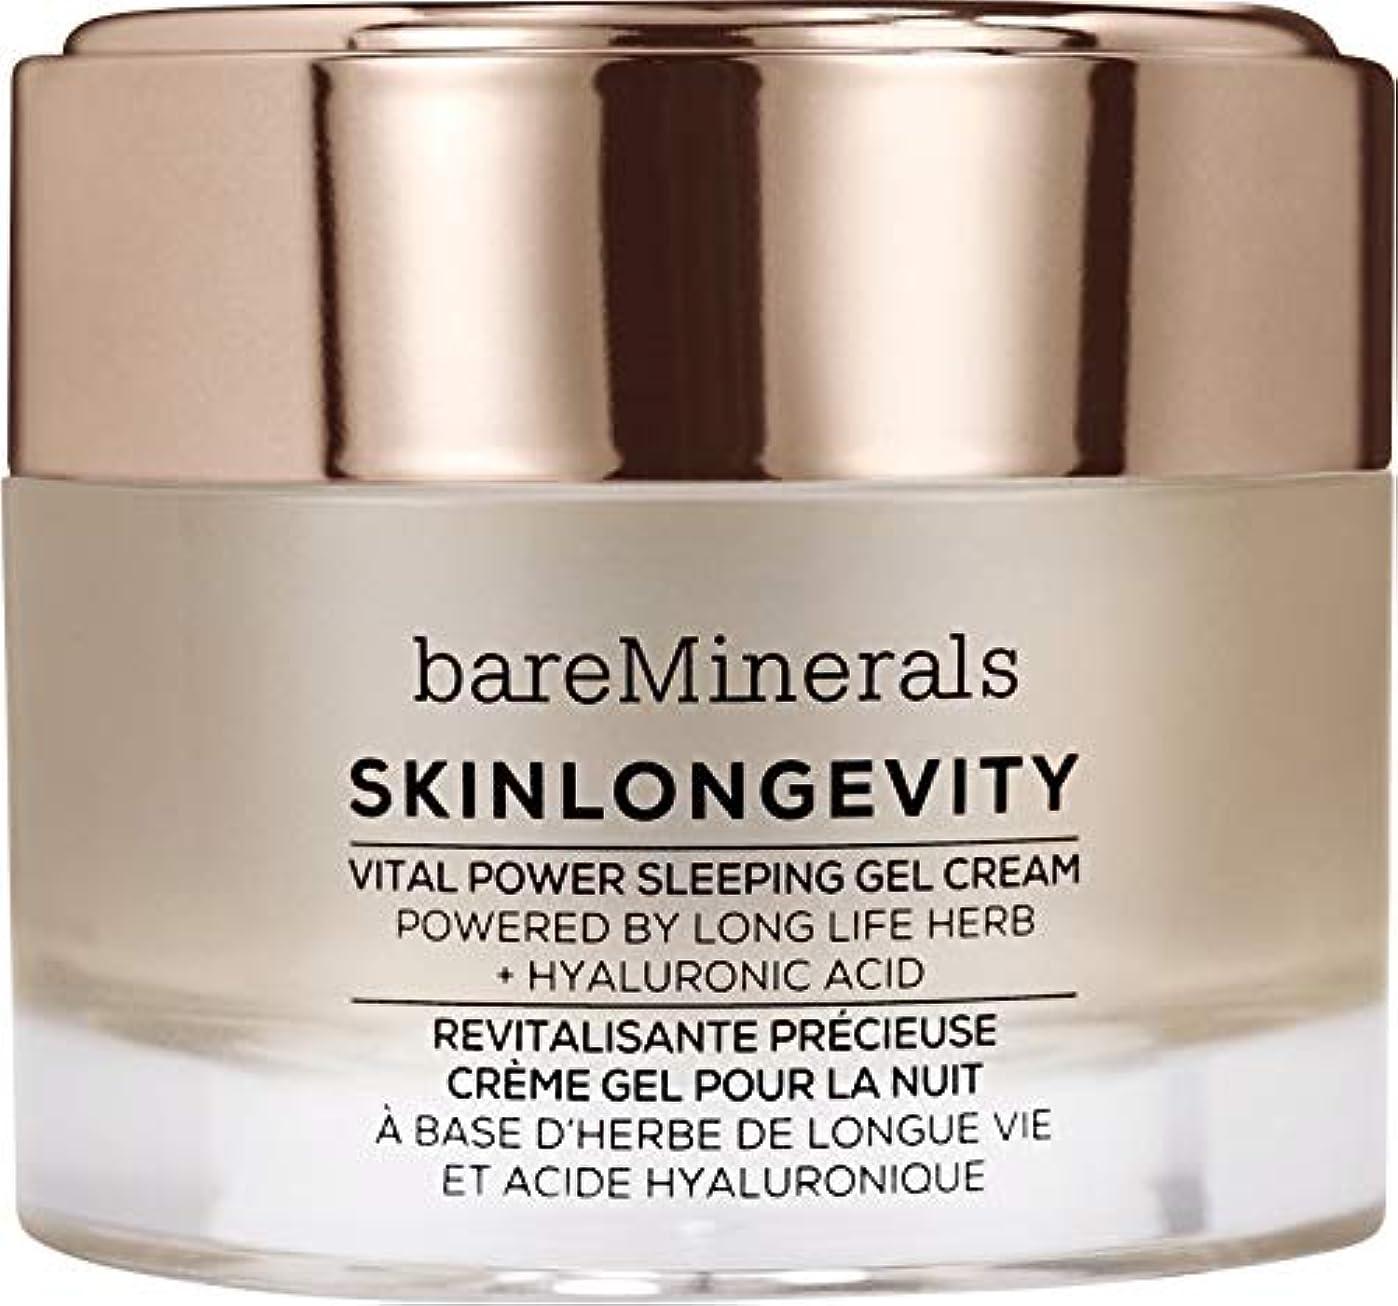 印刷するコーナー十分ではないベアミネラル Skinlongevity Vital Power Sleeping Gel Cream 50g/1.7oz並行輸入品